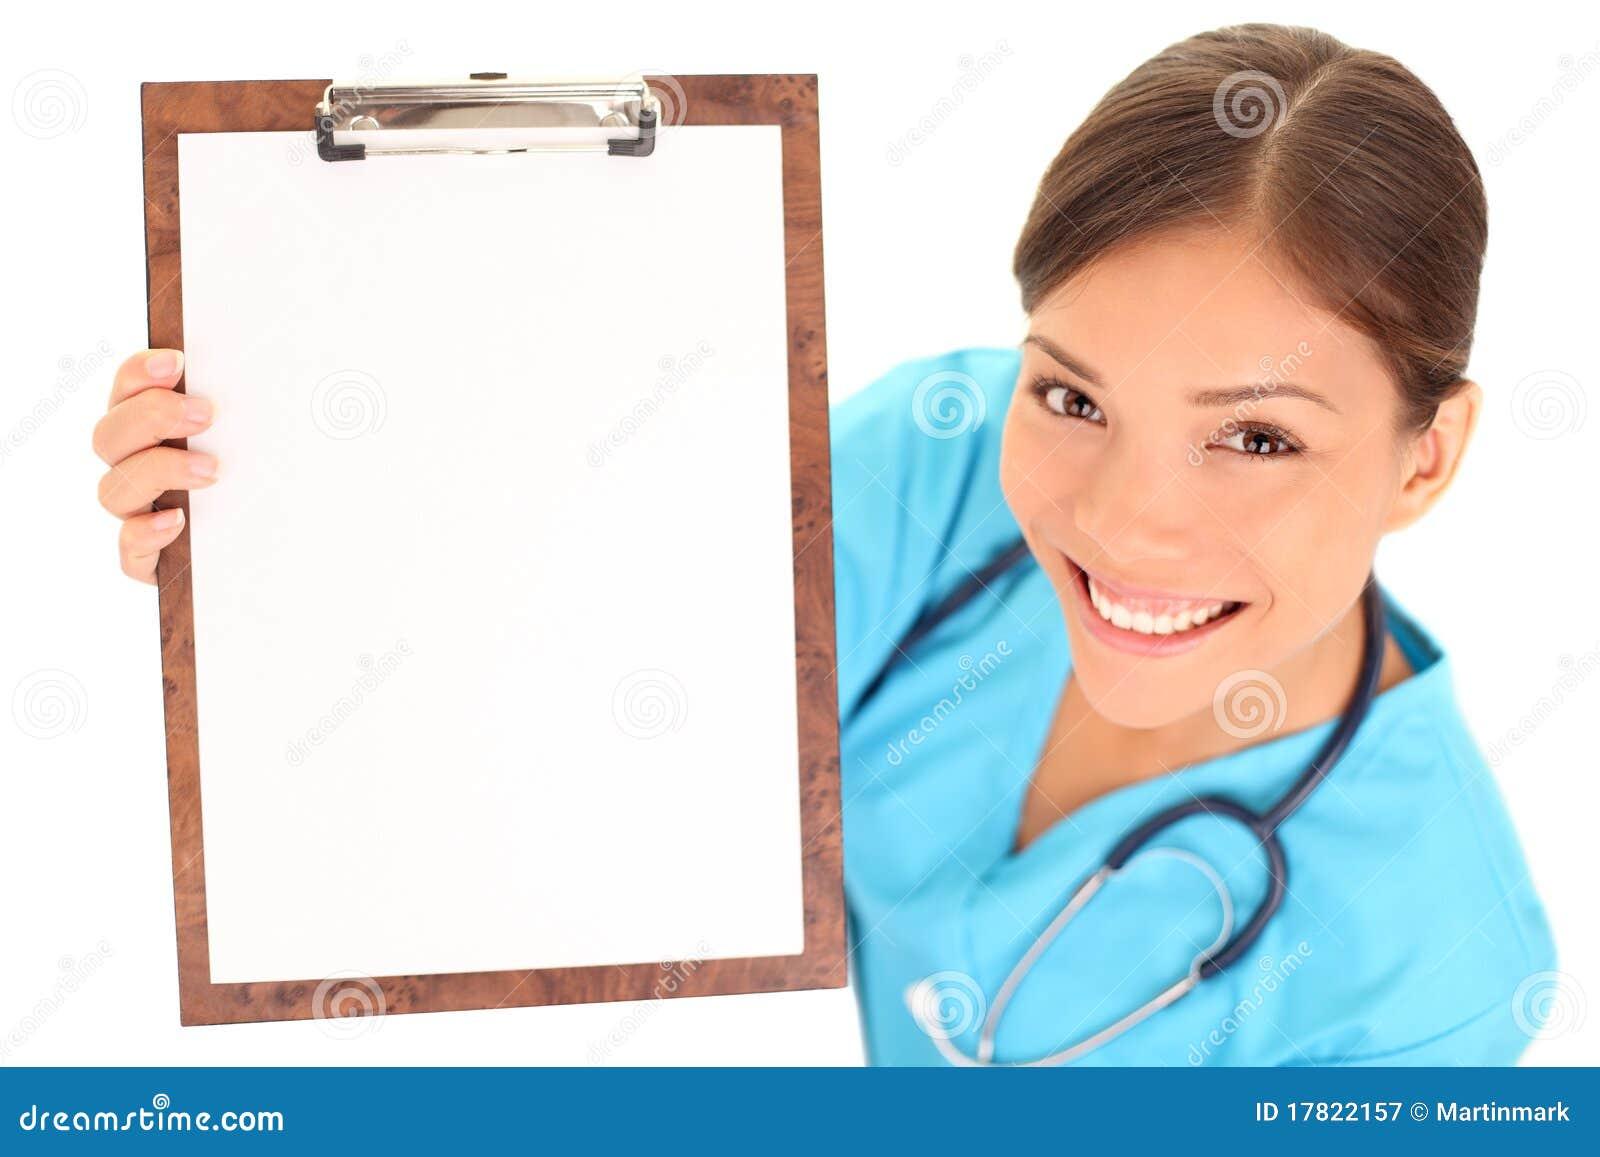 Blank clipboarddoktorssjuksköterska som visar tecknet